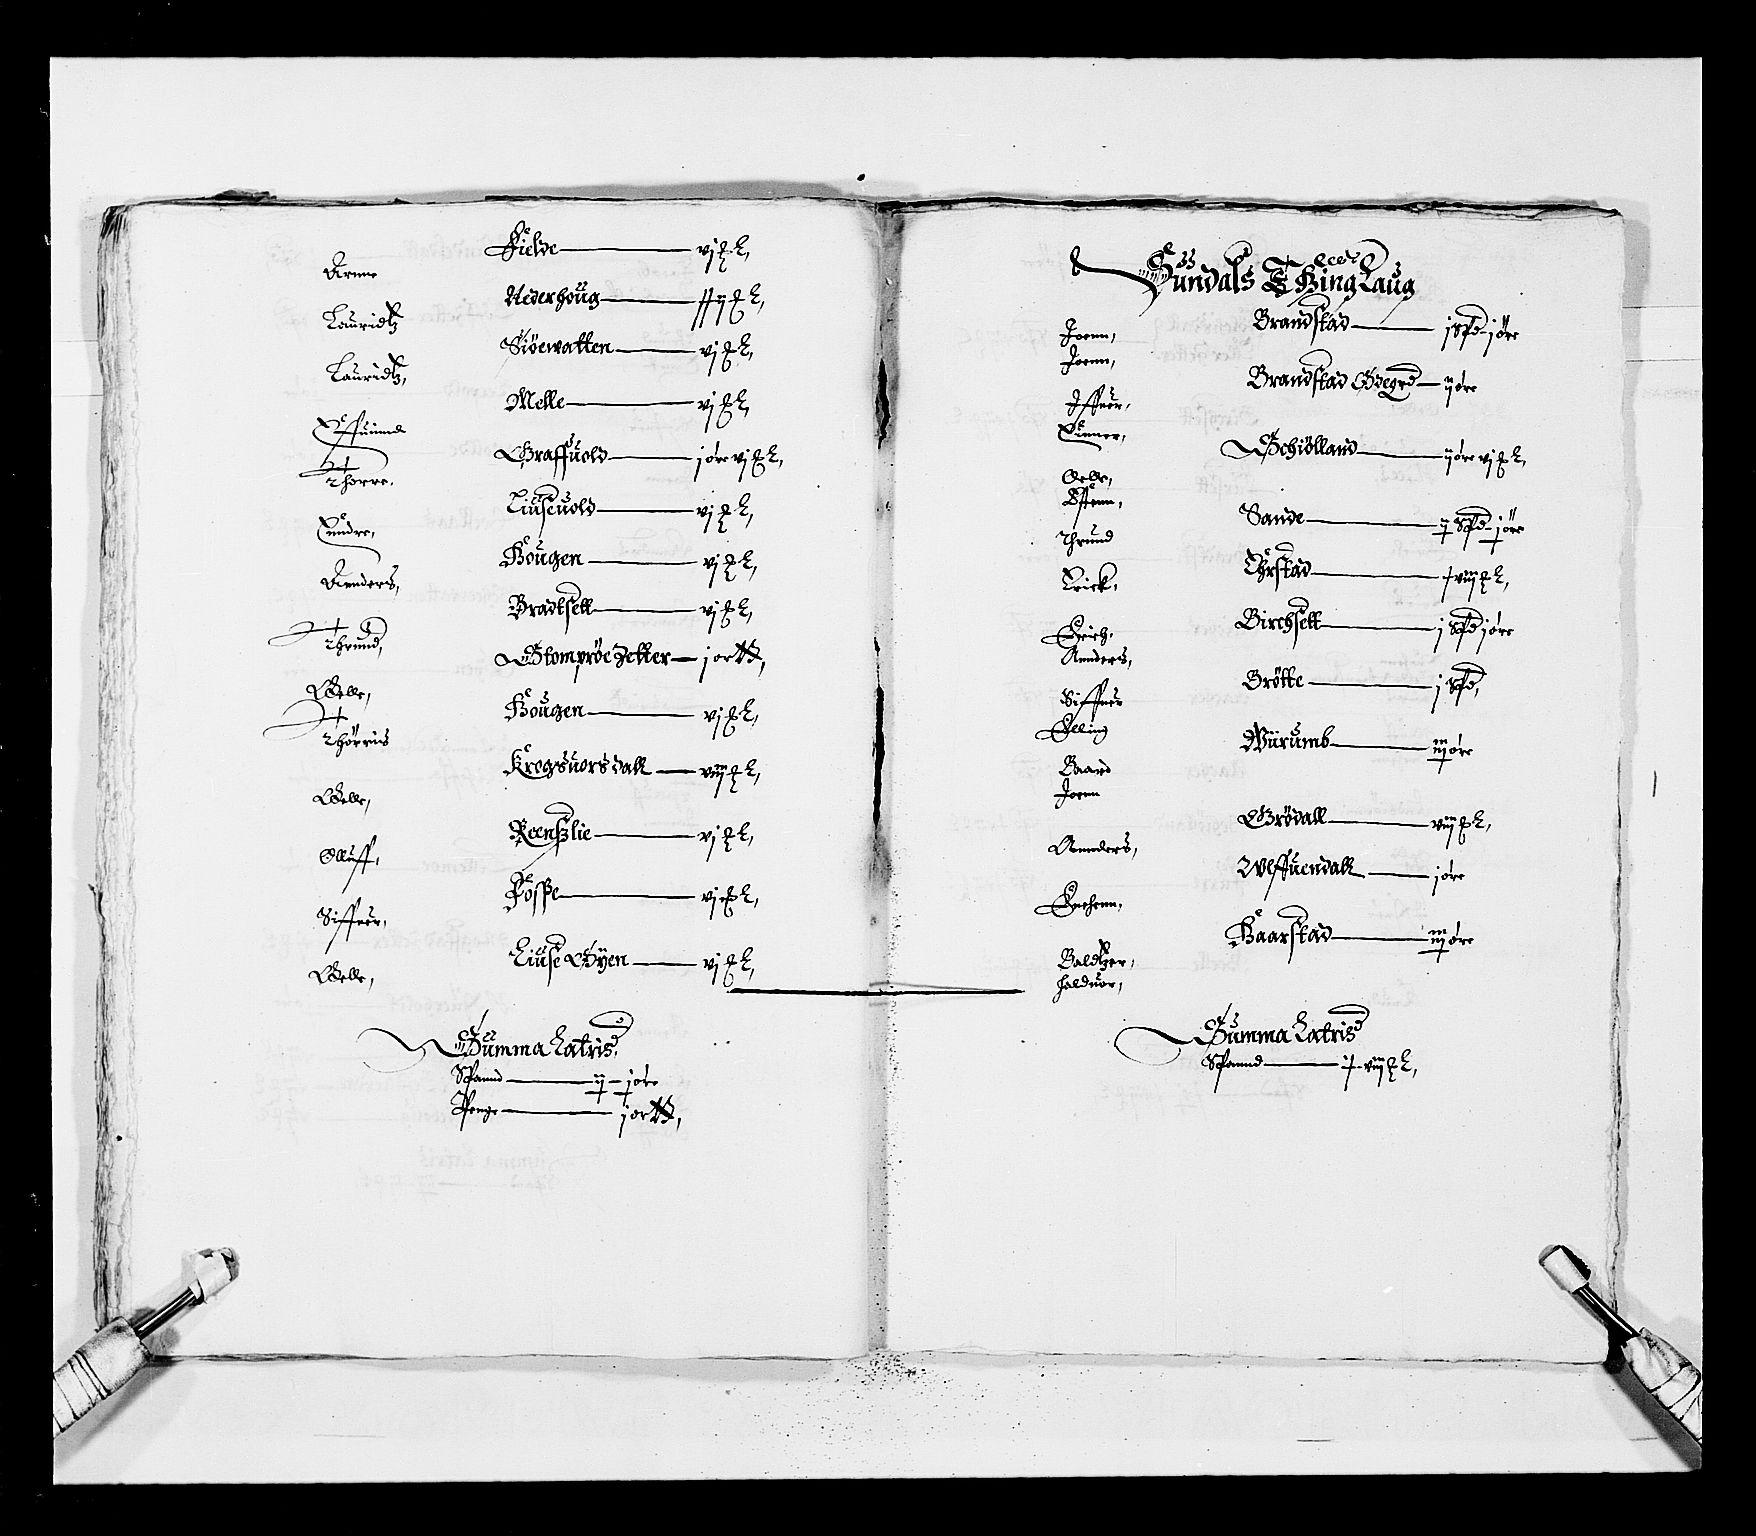 RA, Stattholderembetet 1572-1771, Ek/L0028: Jordebøker 1633-1658:, 1645-1646, s. 32